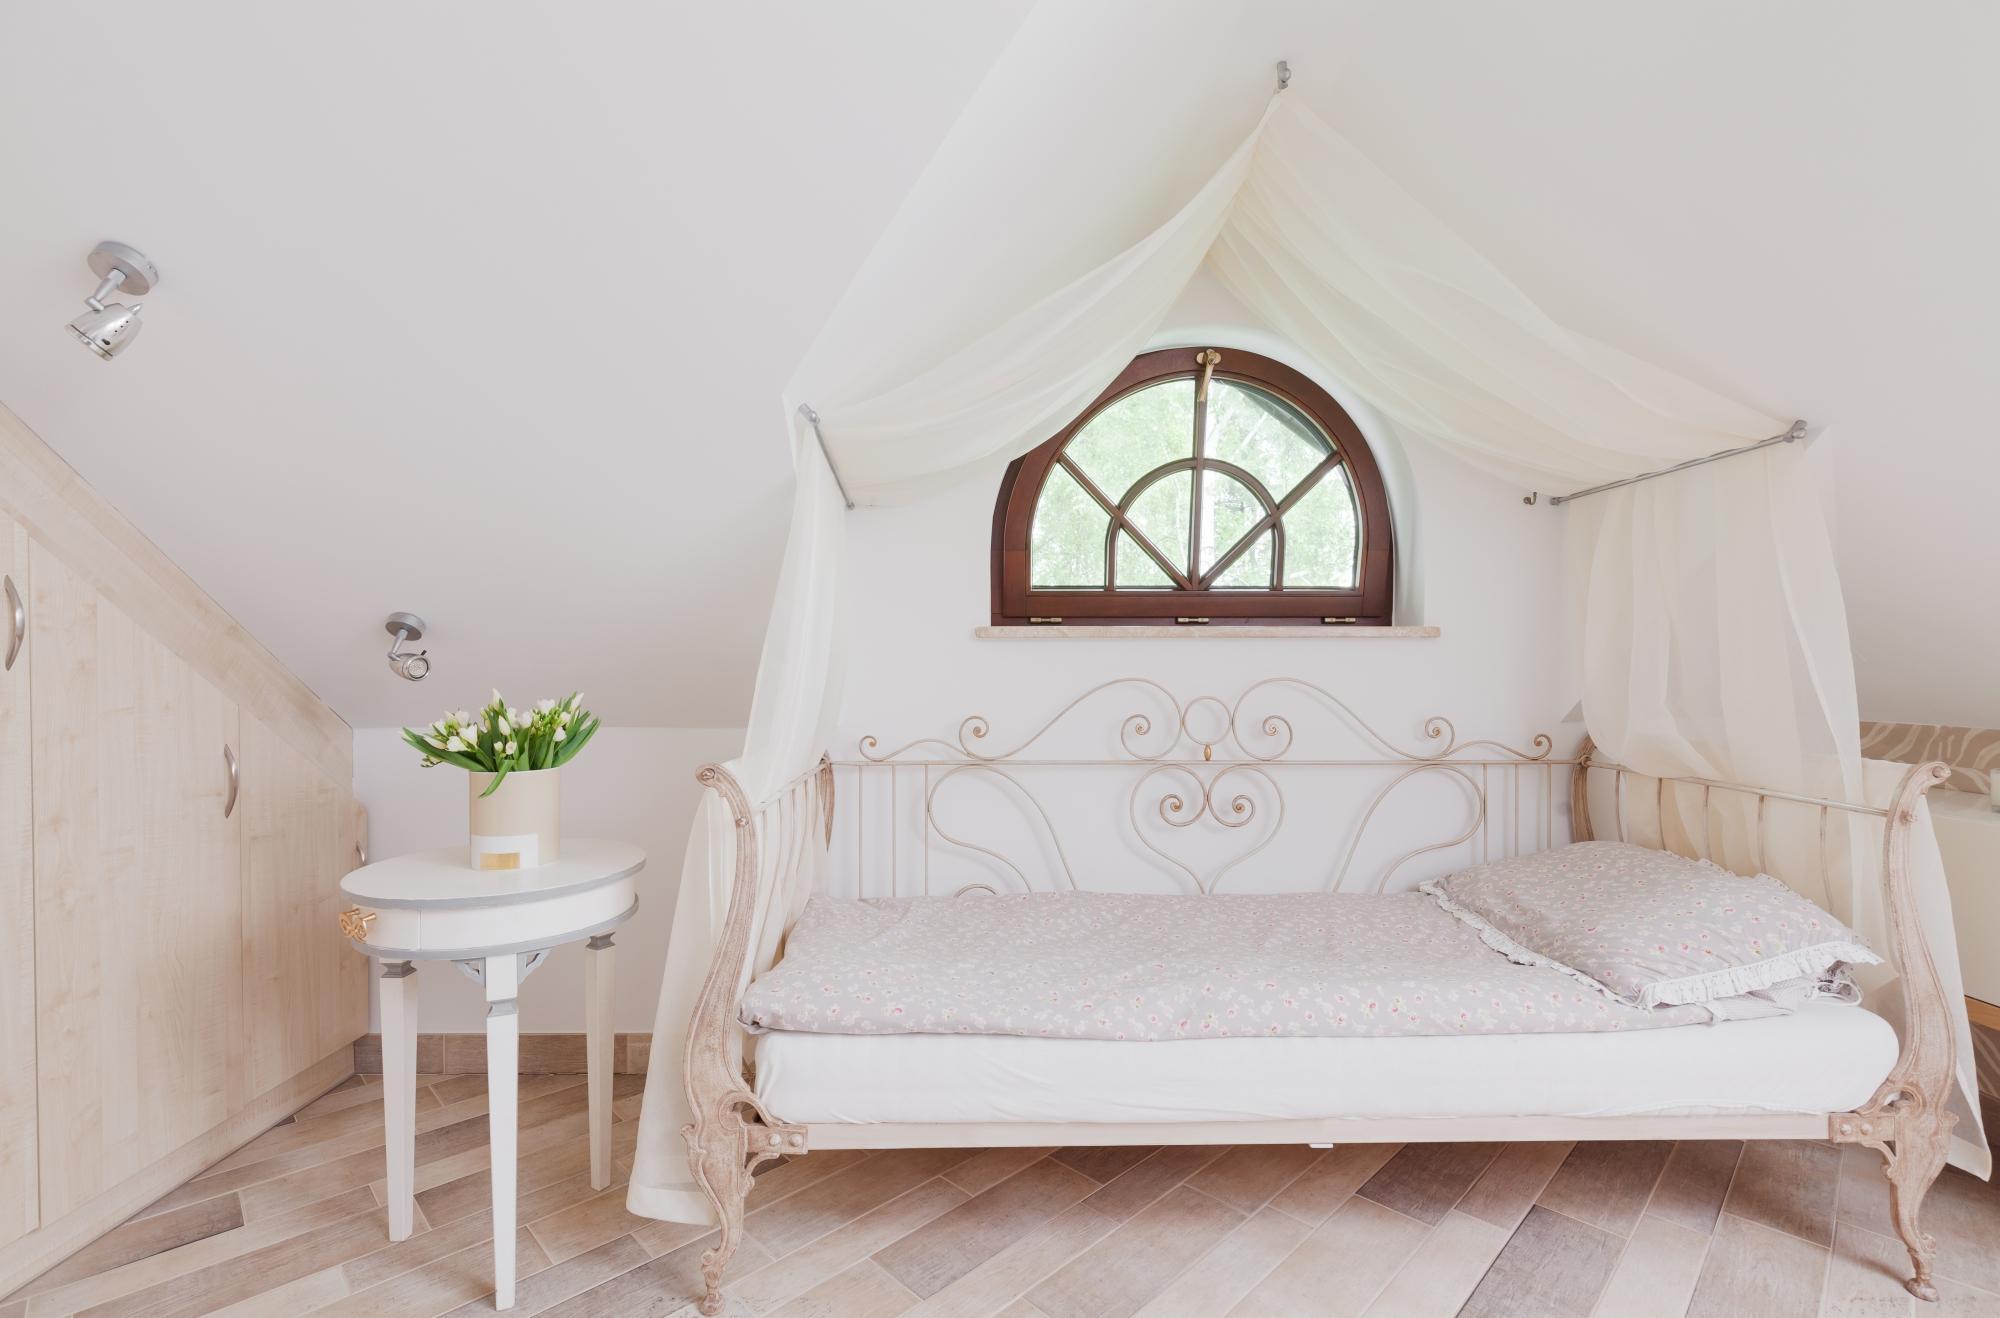 Прозрачный балдахин над кроватью, прикрепленный к потолку